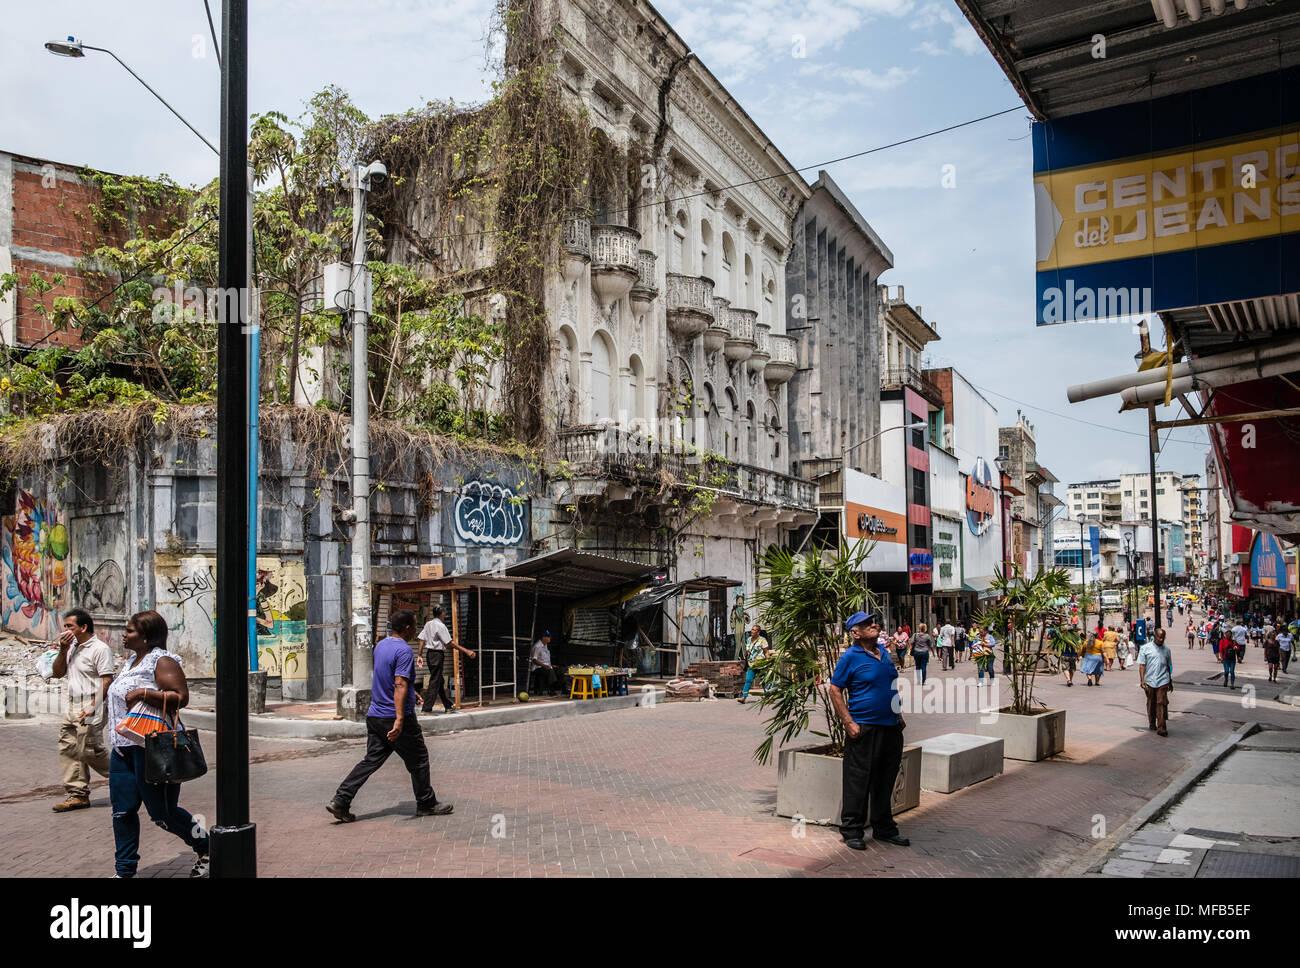 Ciudad de Panamá, Panamá - marzo 2018: Gente en la ...